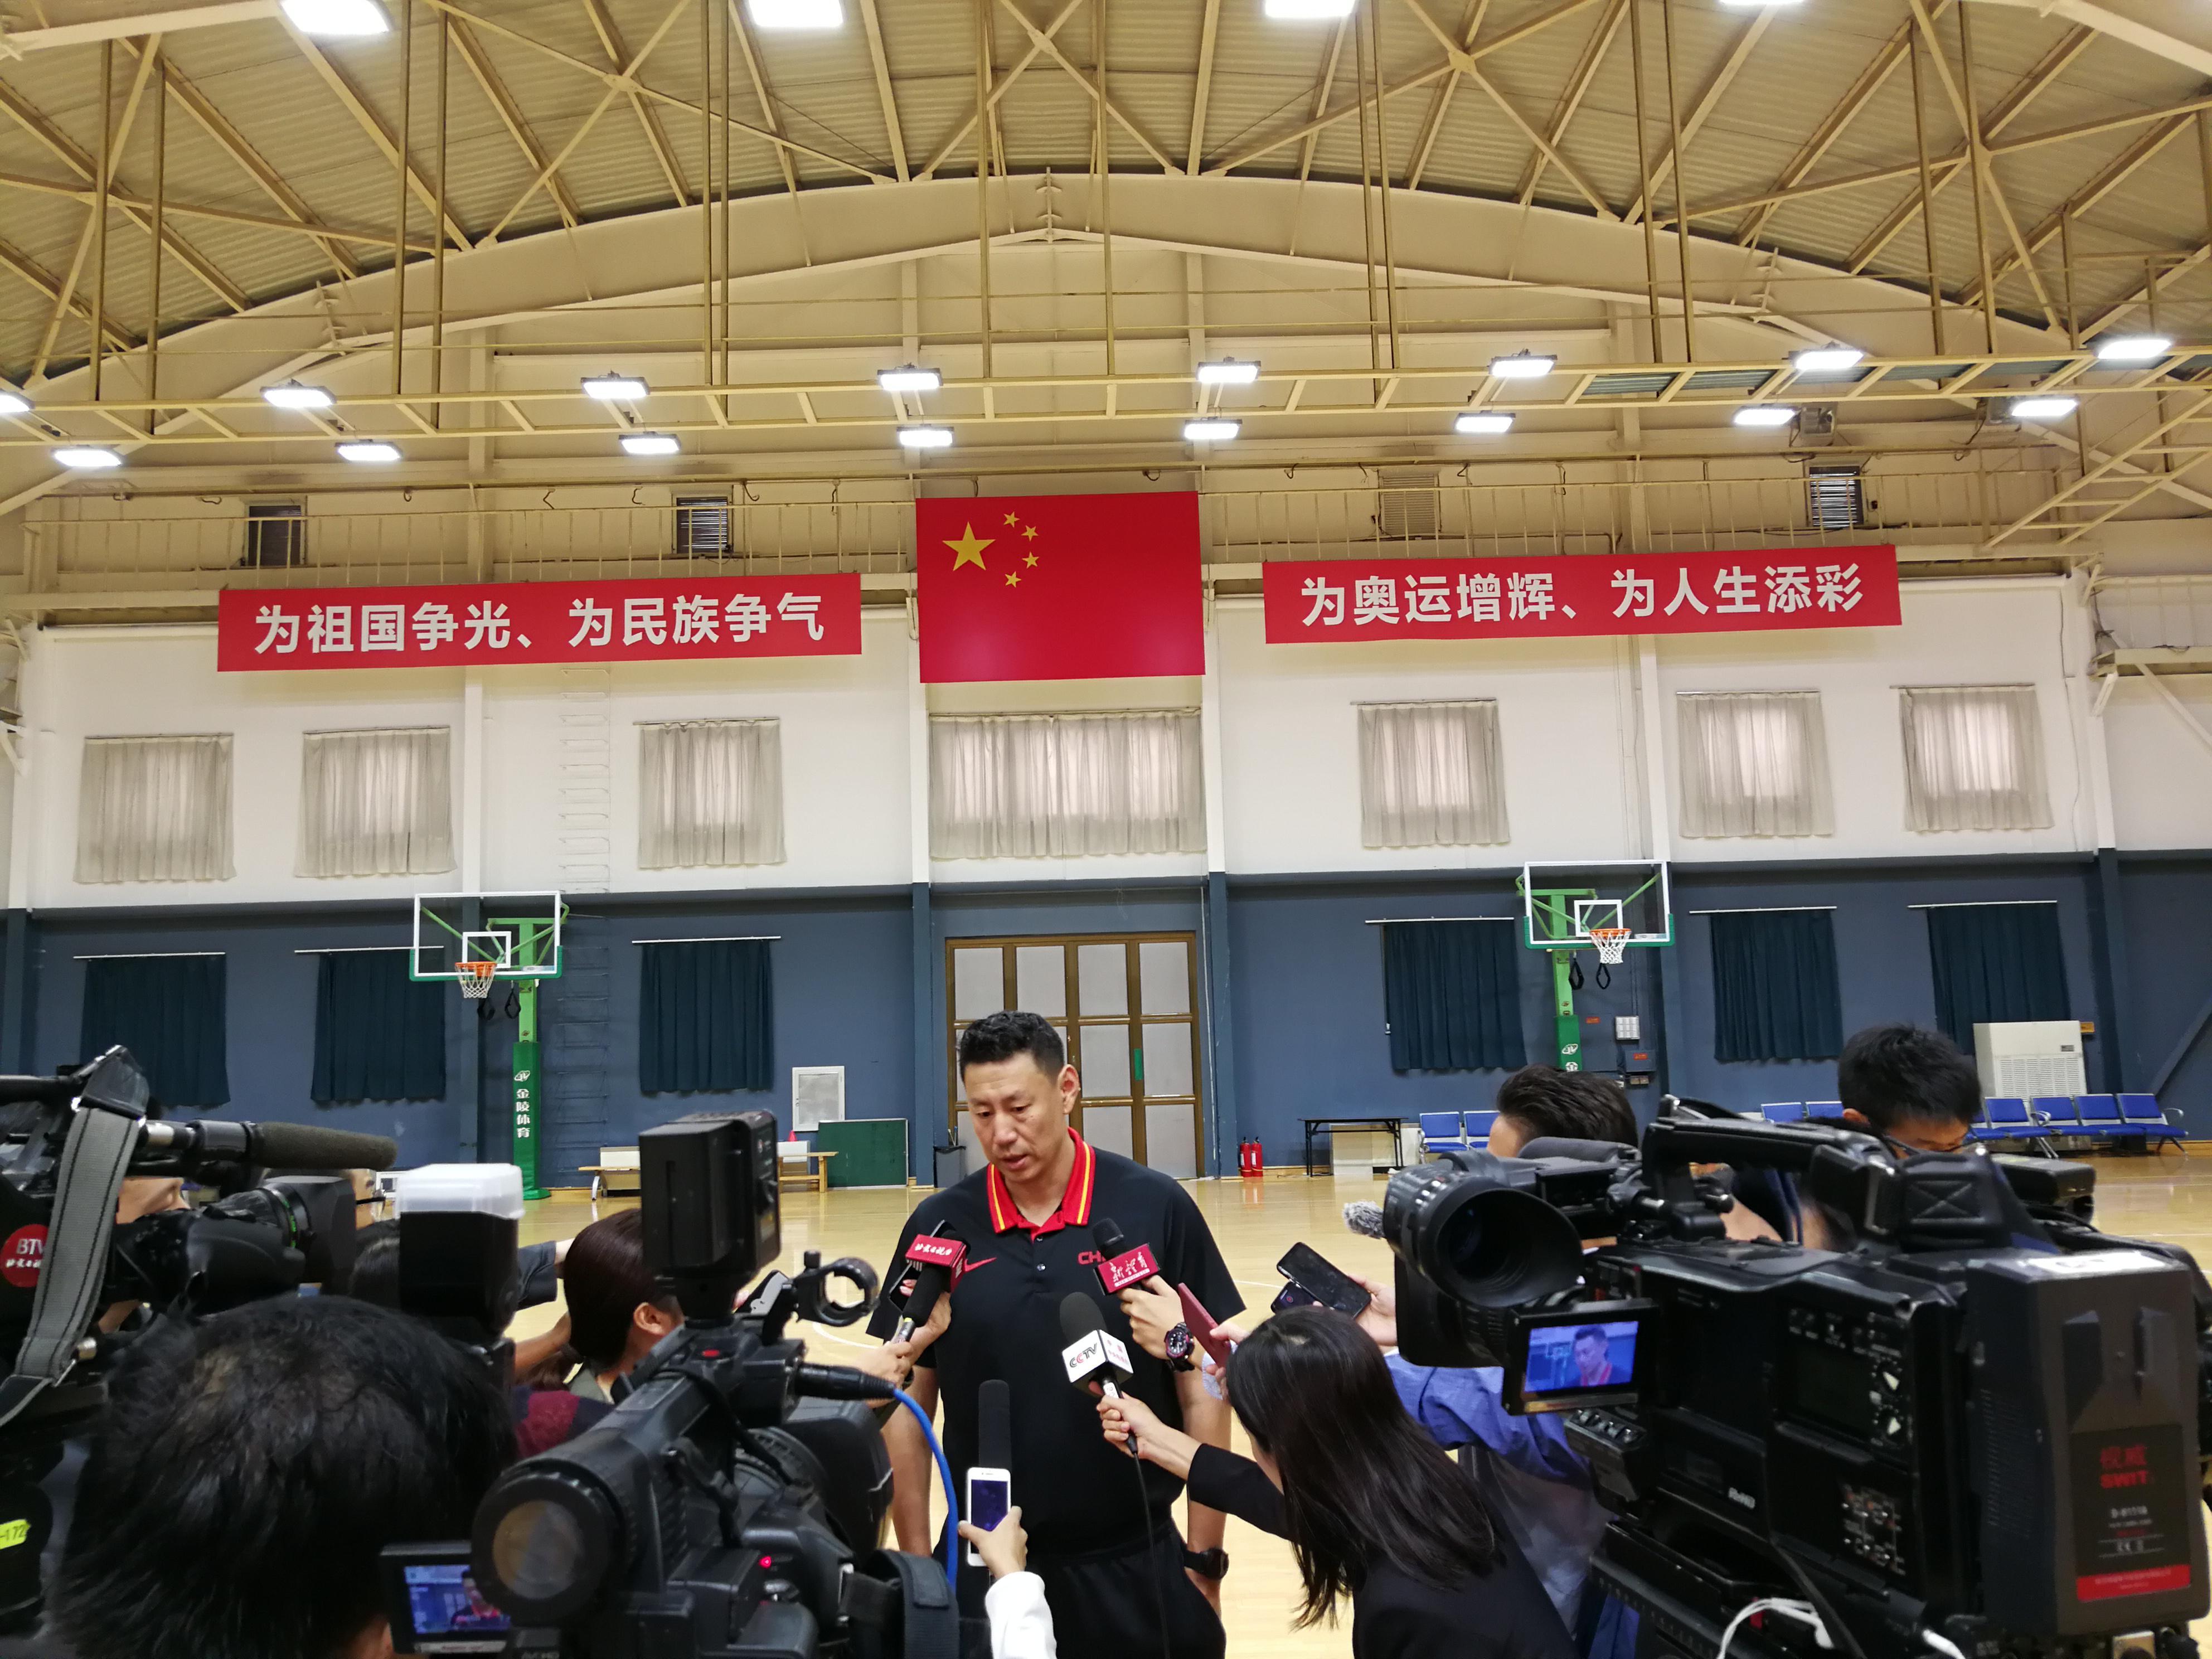 李楠正式就任男篮主帅之后,接受媒体采访